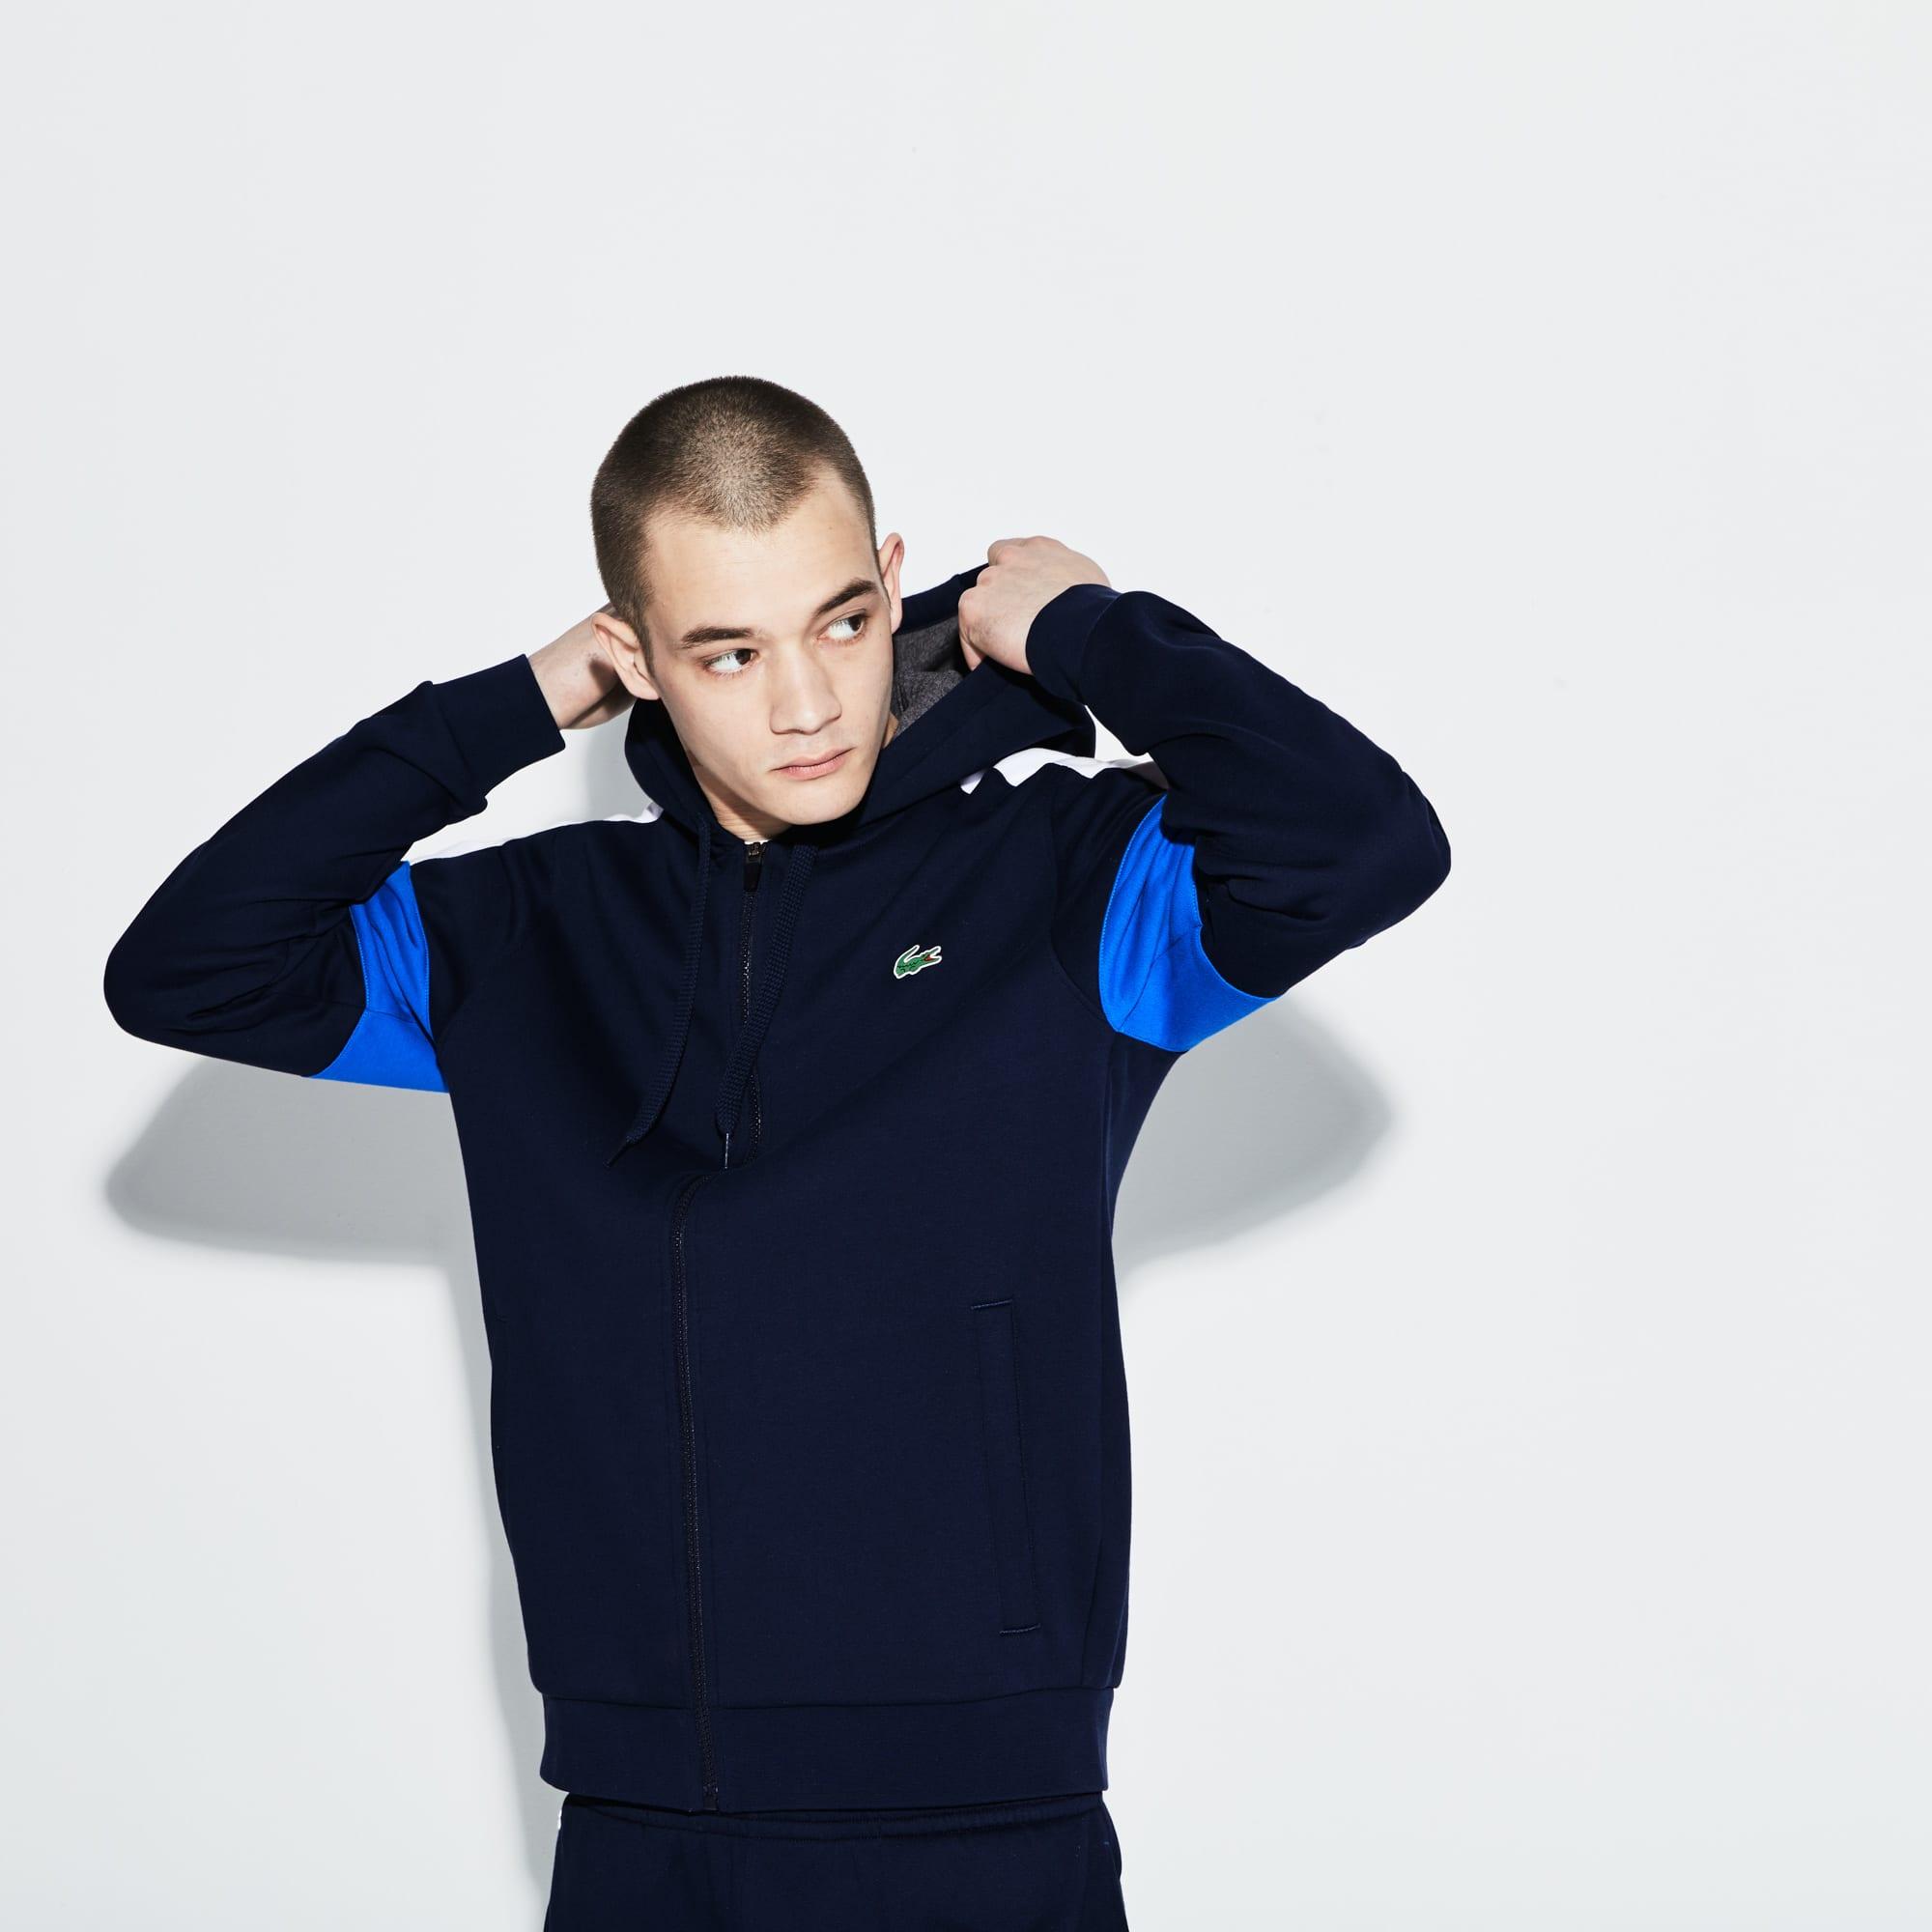 Men s Lacoste SPORT Colorblock Fleece Zippered Tennis Sweatshirt d0bba5ad251